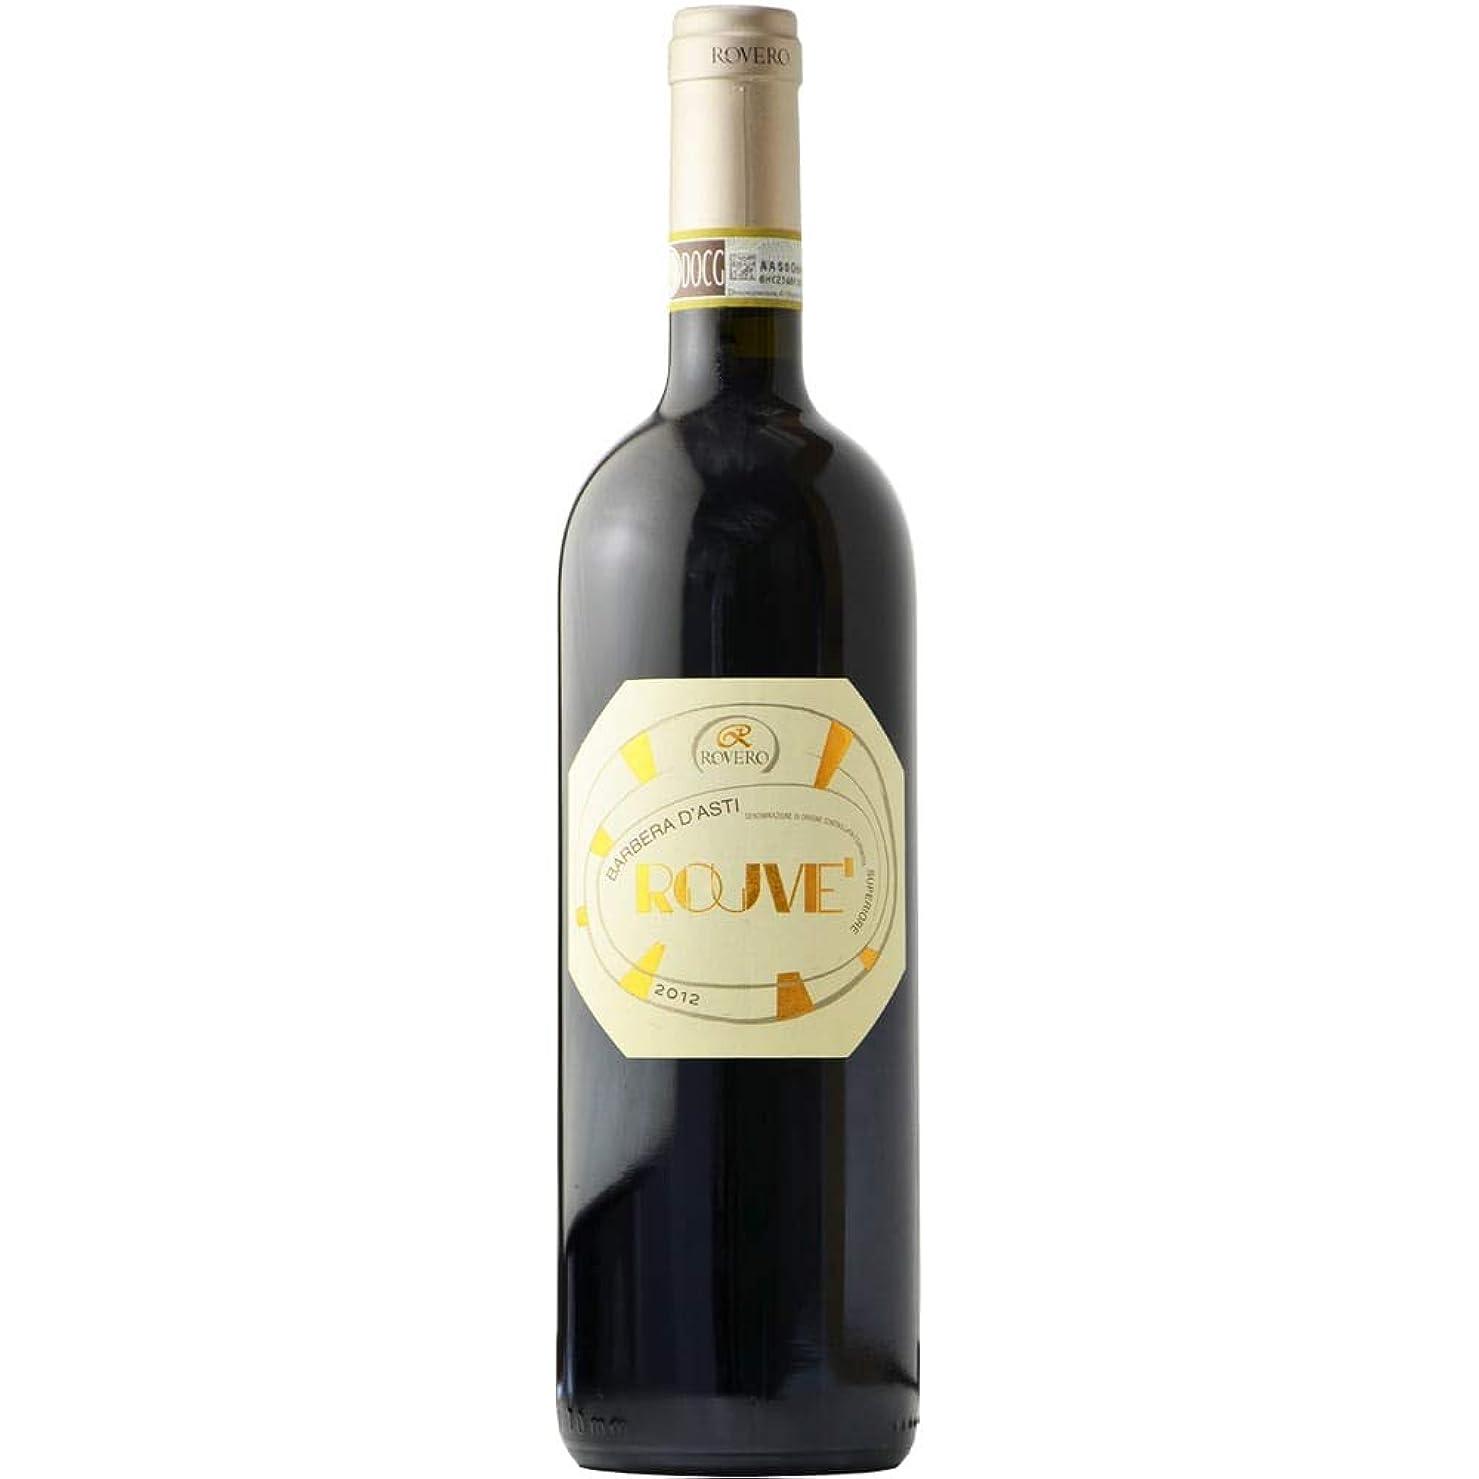 名目上の作家俳優バルベーラ ダスティ スペリオーレ ロウヴェ 赤 750ml オーガニック ワイン